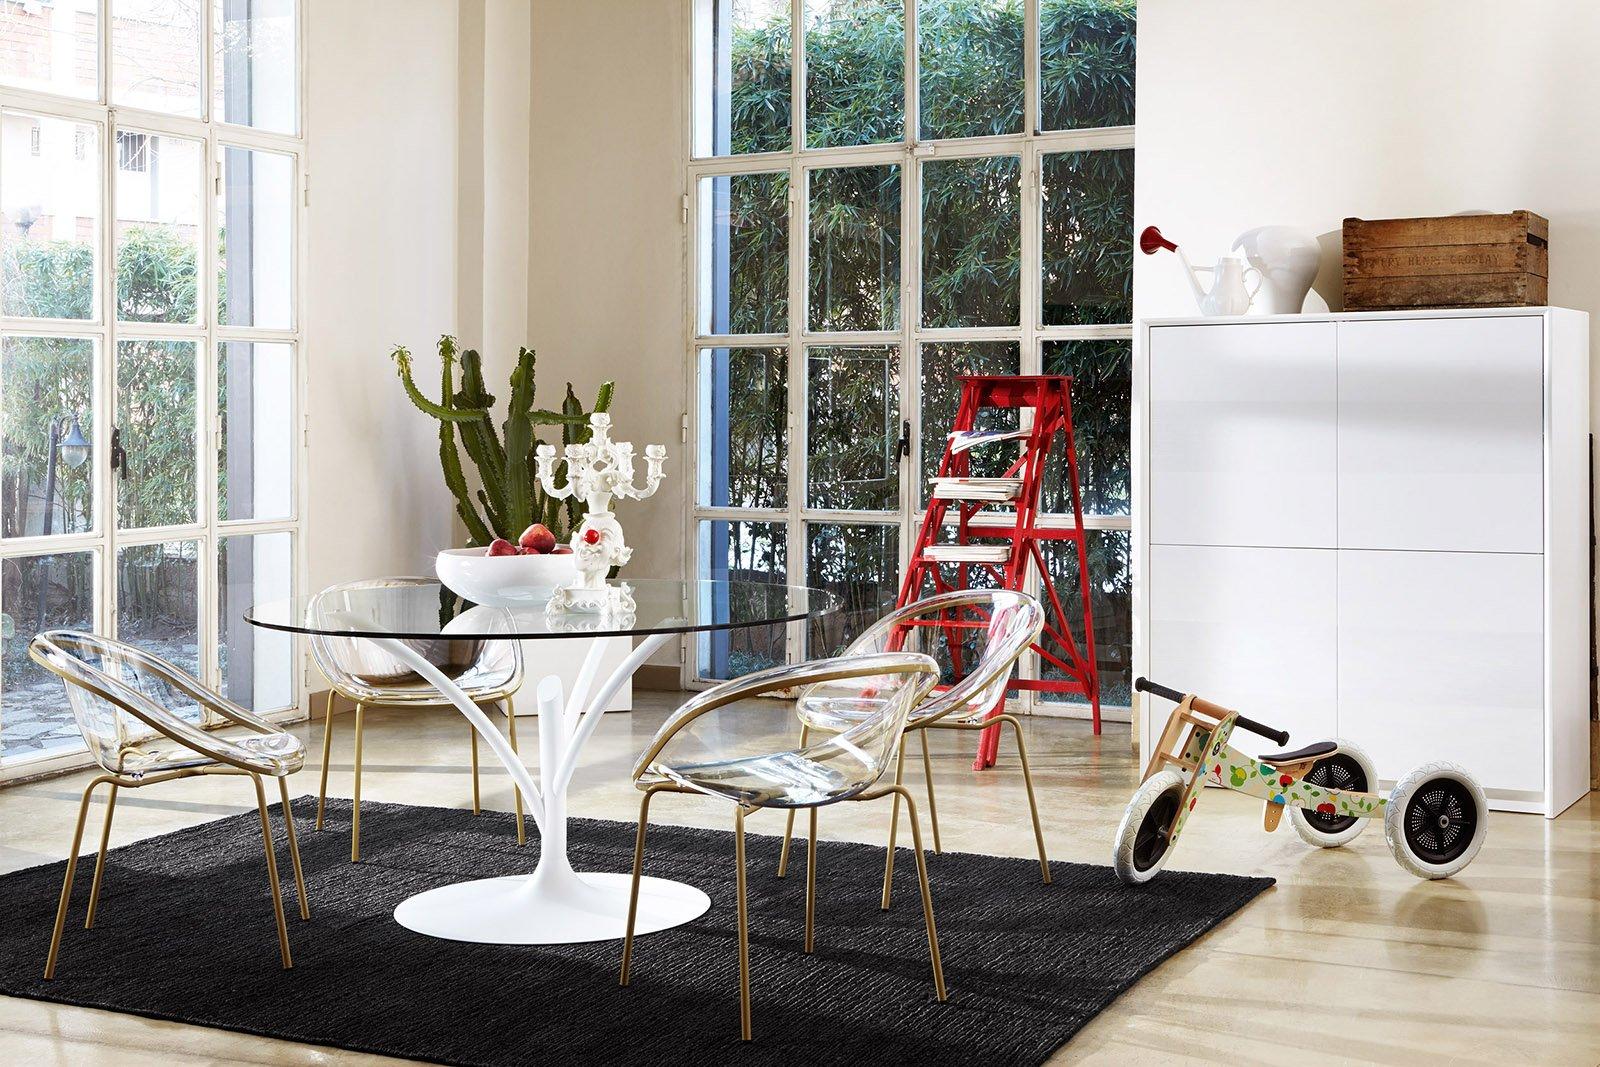 Tavoli con sostegno centrale cose di casa for Tavolo acacia calligaris